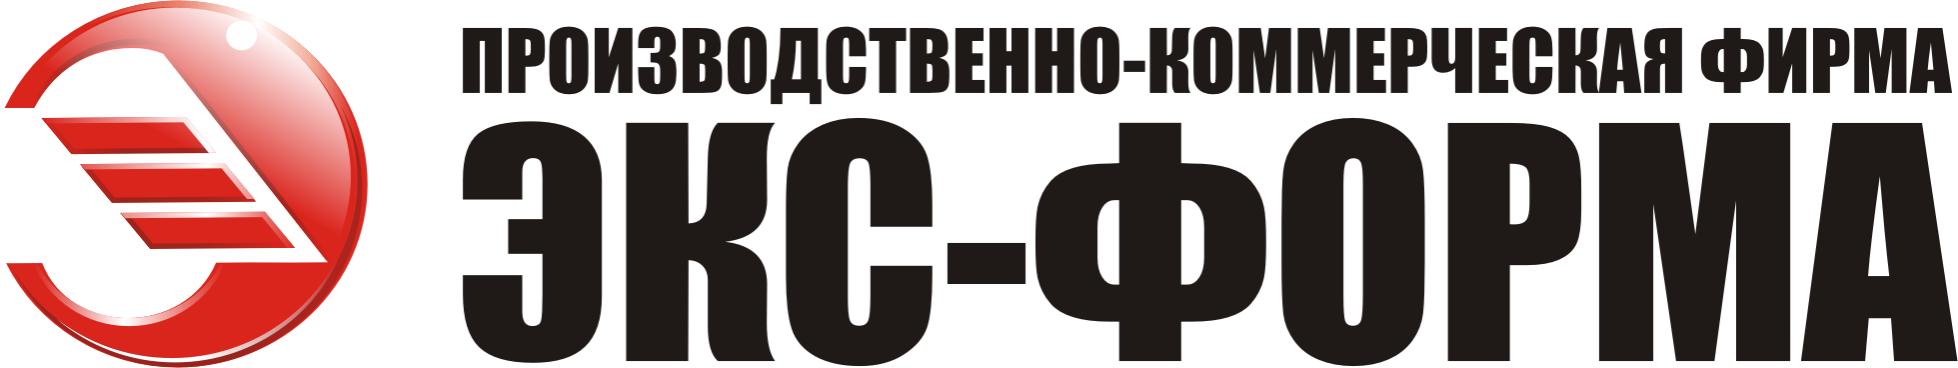 ООО ПКФ Экс-форма: завод промышленного газового оборудования